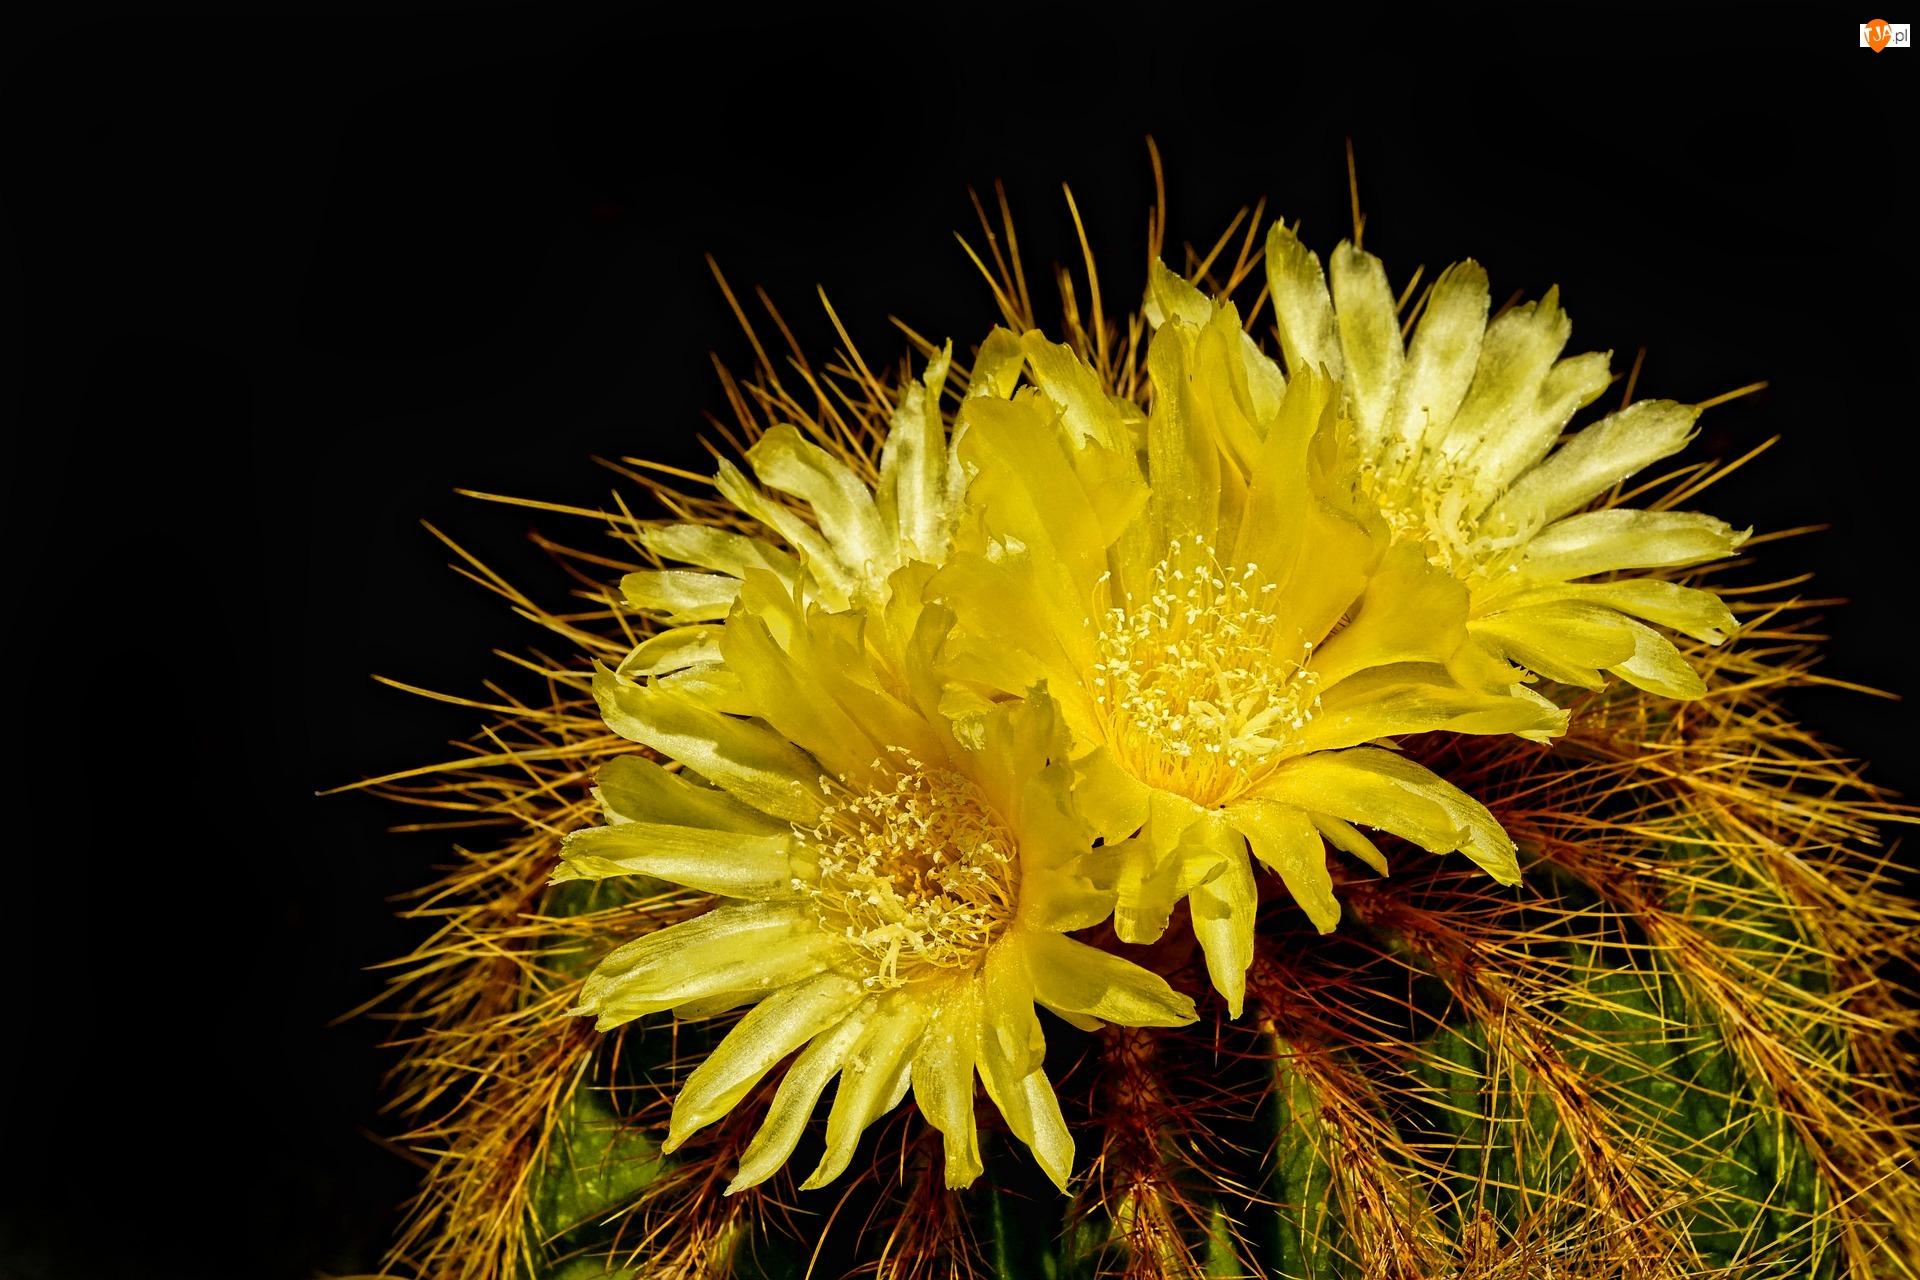 Kwiaty, Kwitnący, Kaktus, Żółte